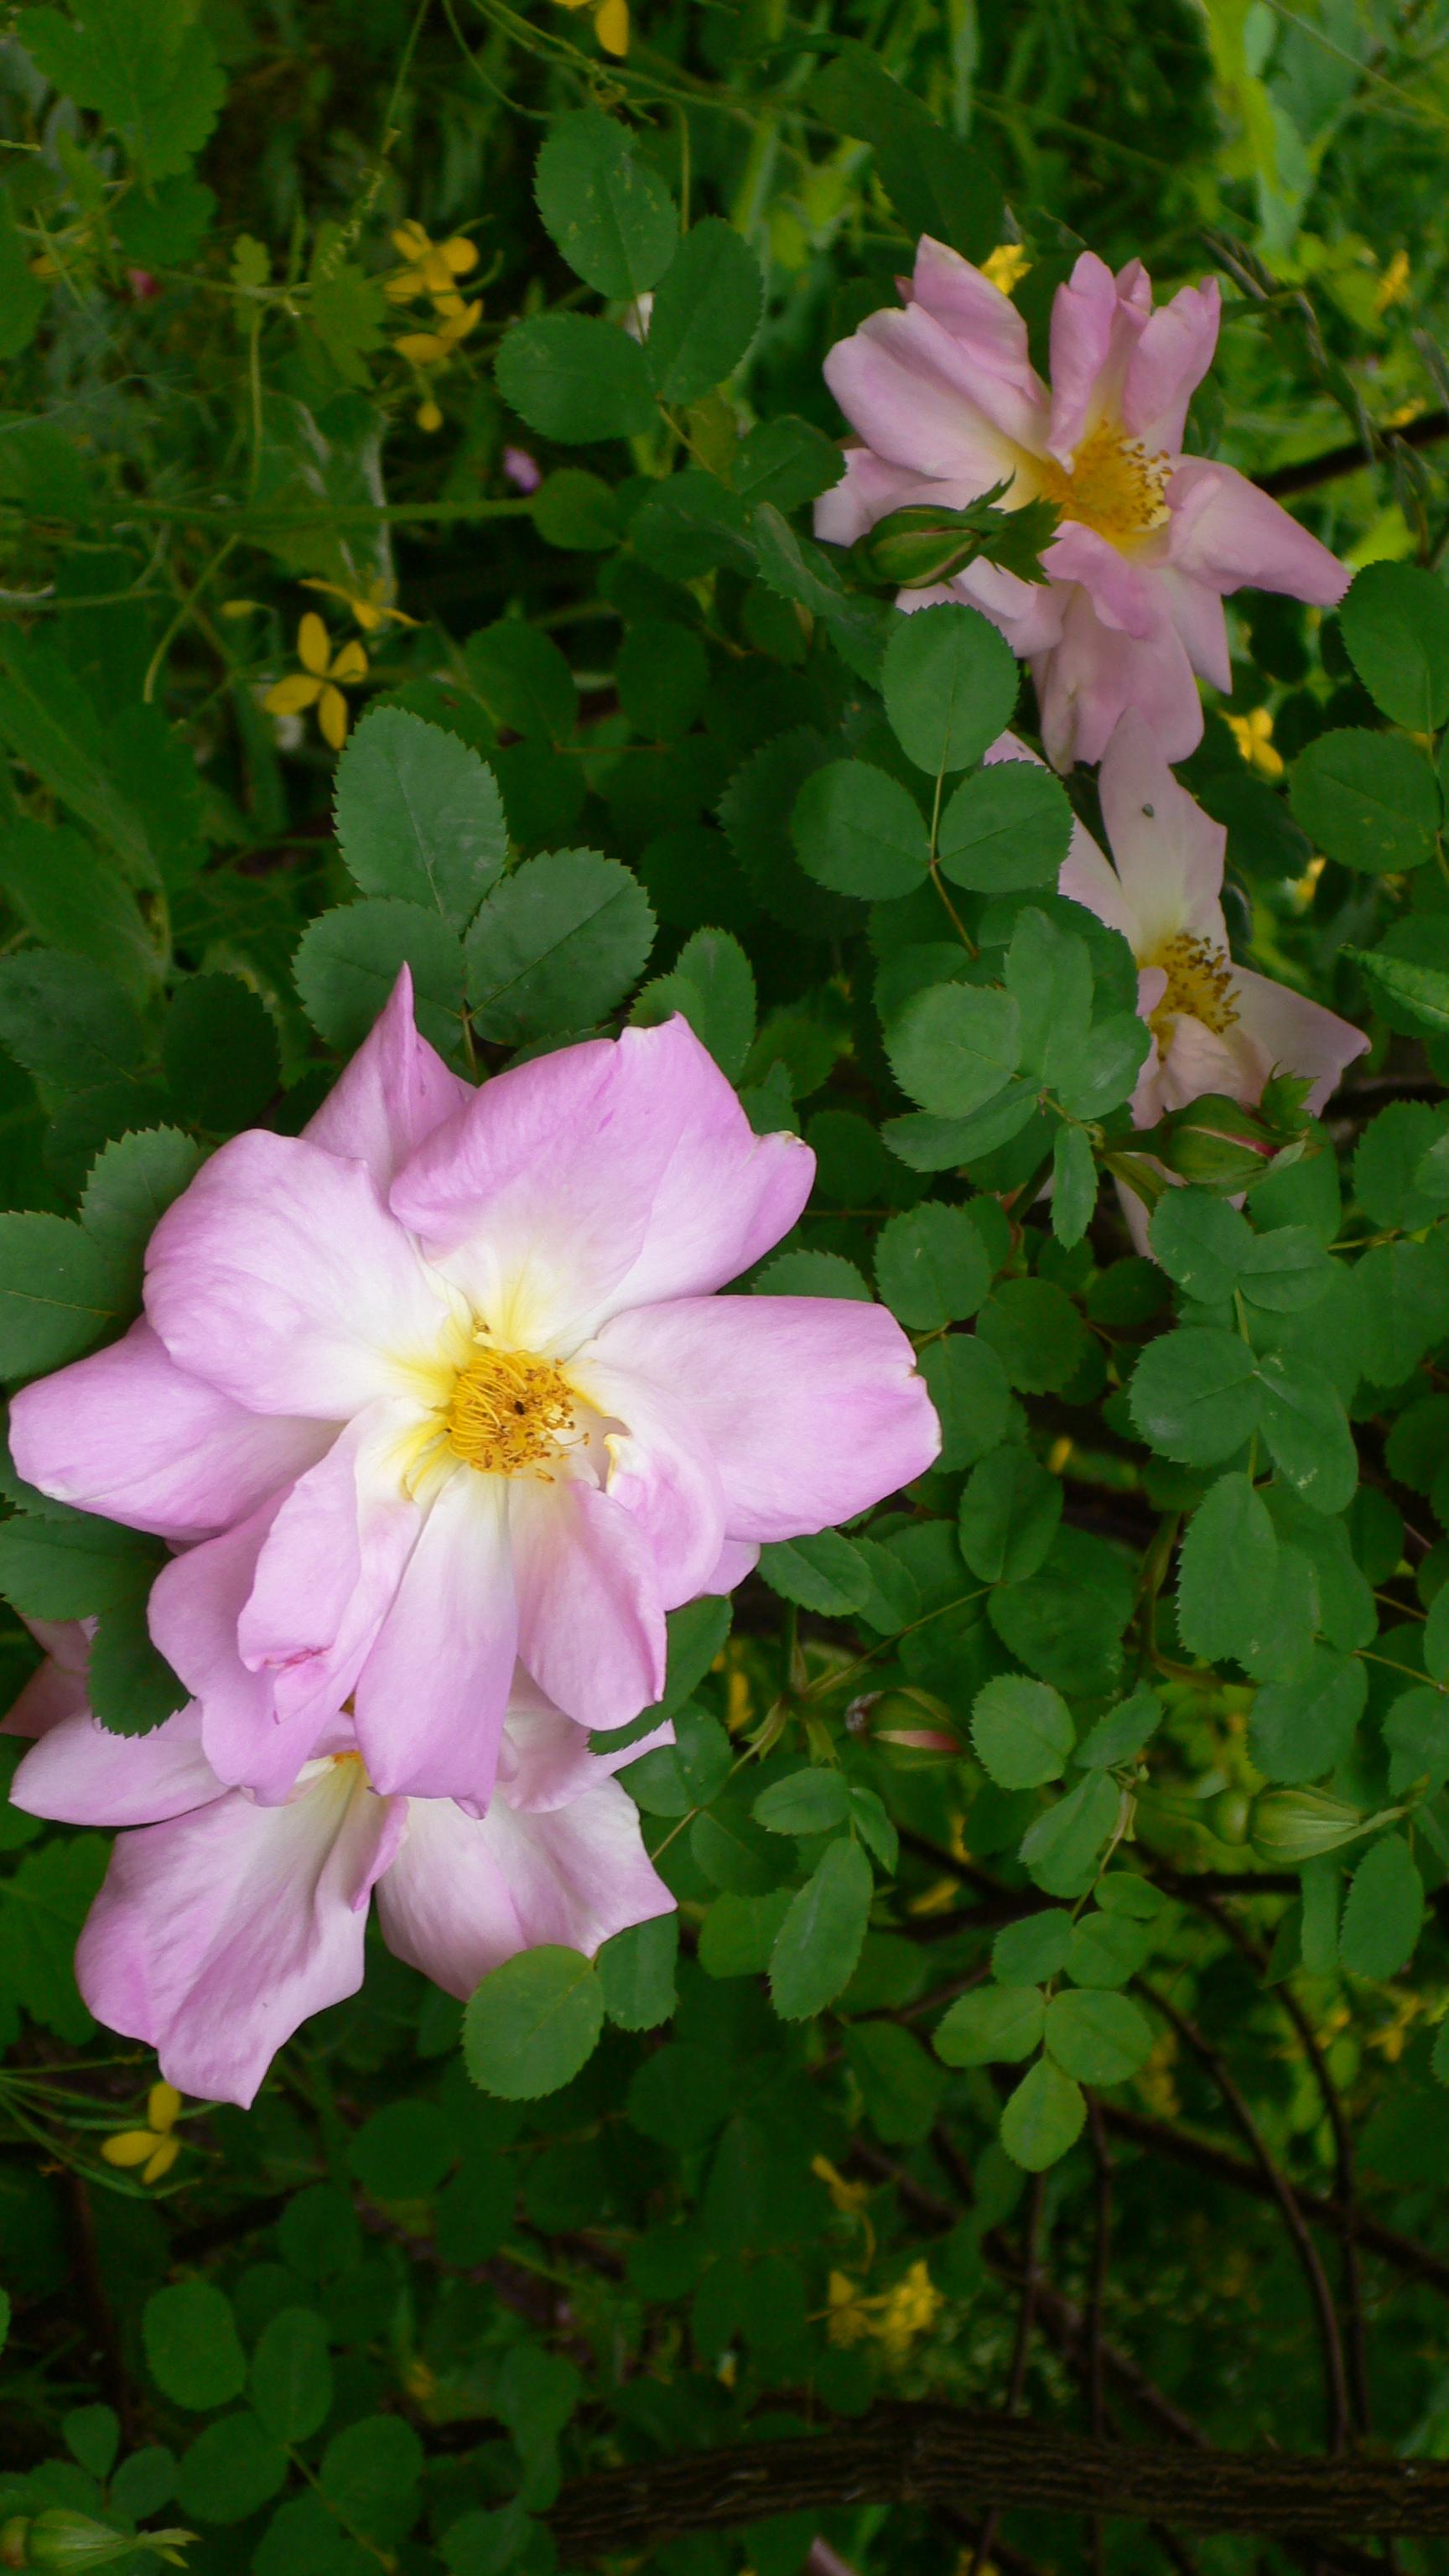 file rosa 39 marguerite hilling 39 d tail de la fleur. Black Bedroom Furniture Sets. Home Design Ideas